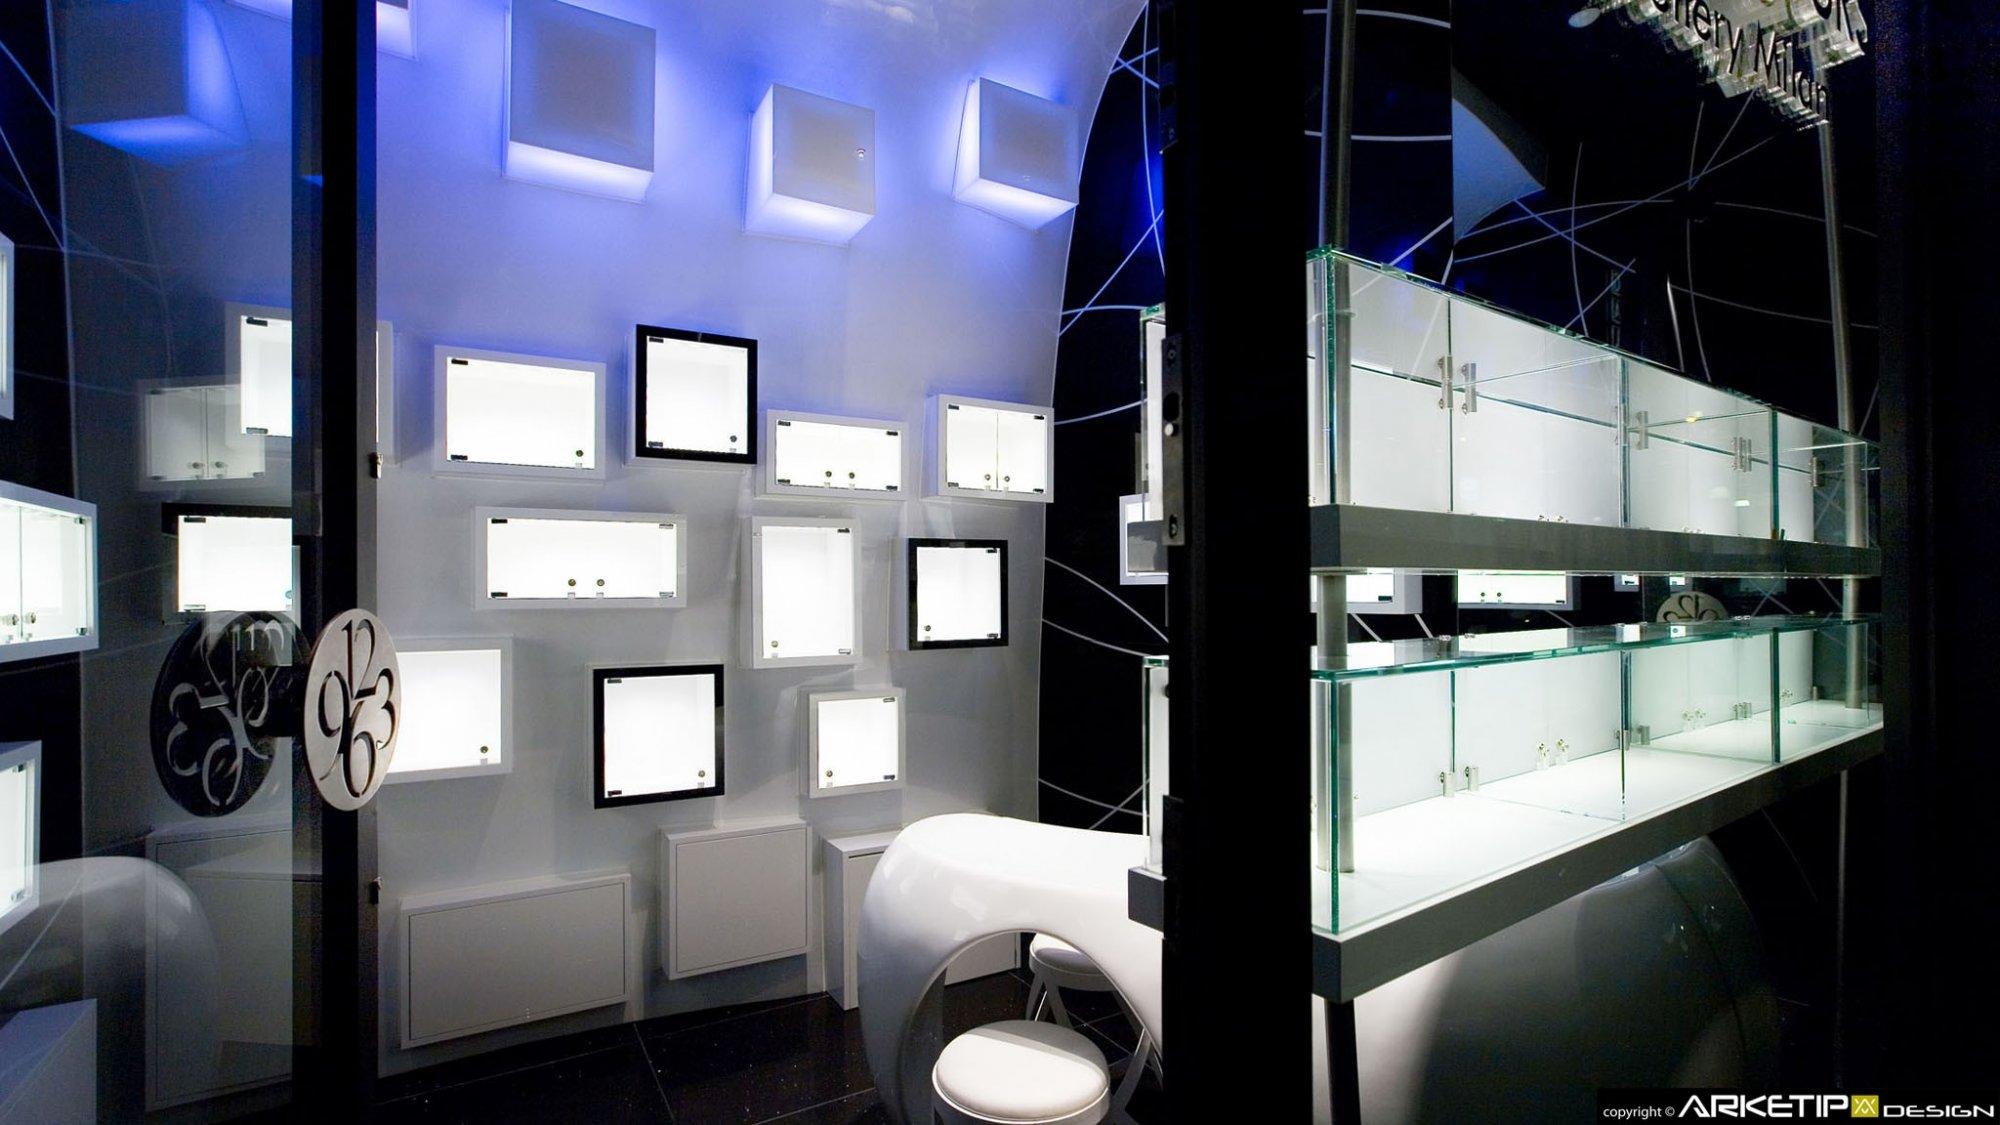 Arredamento gioielleria luxury hours milano for Negozi arredamento milano